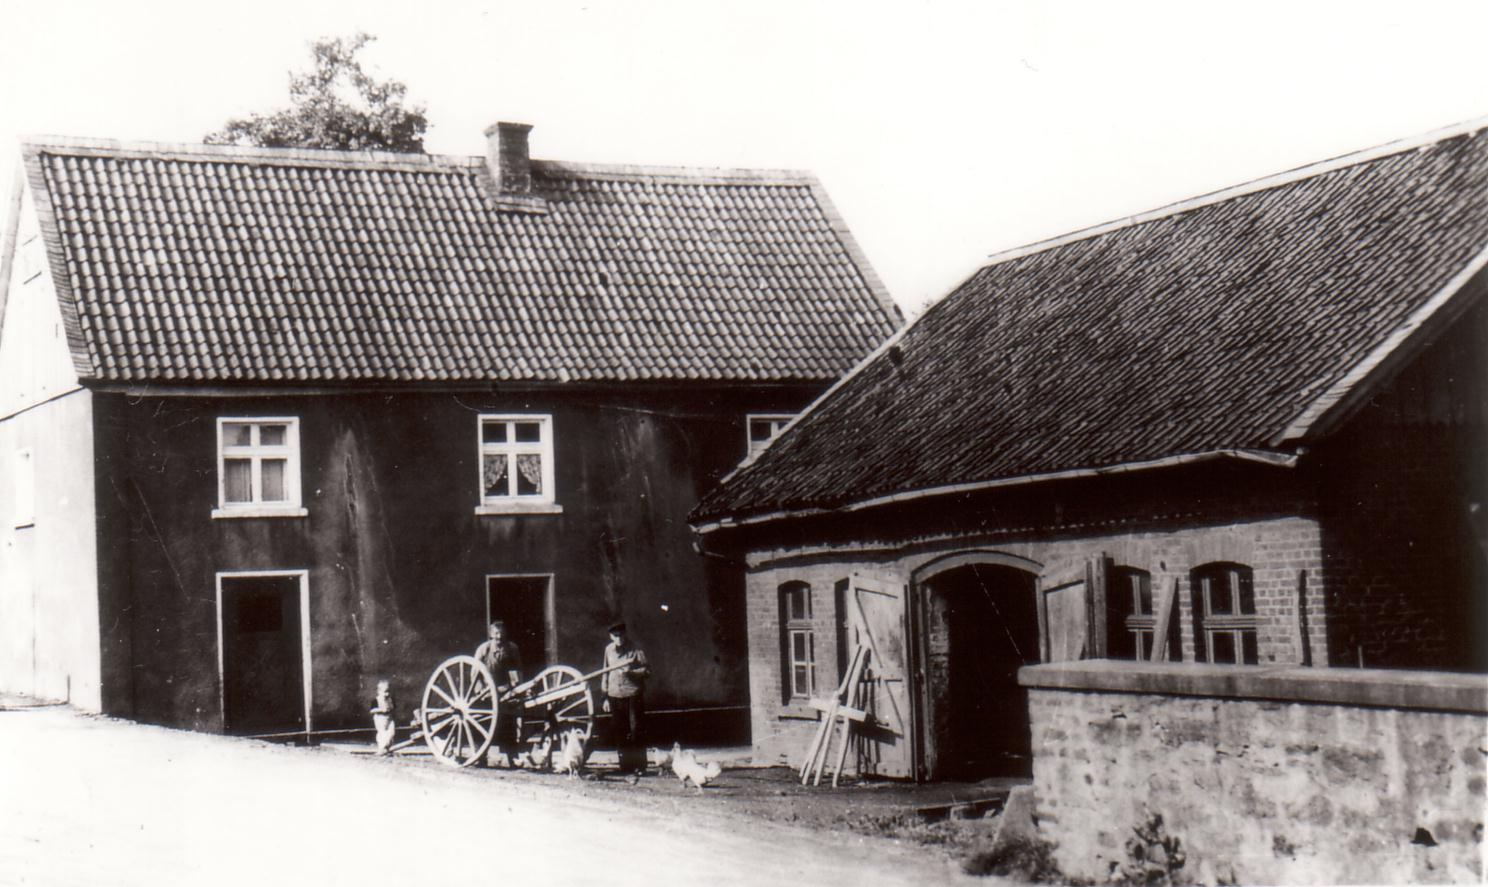 Schmiede-Ostring-Bullert